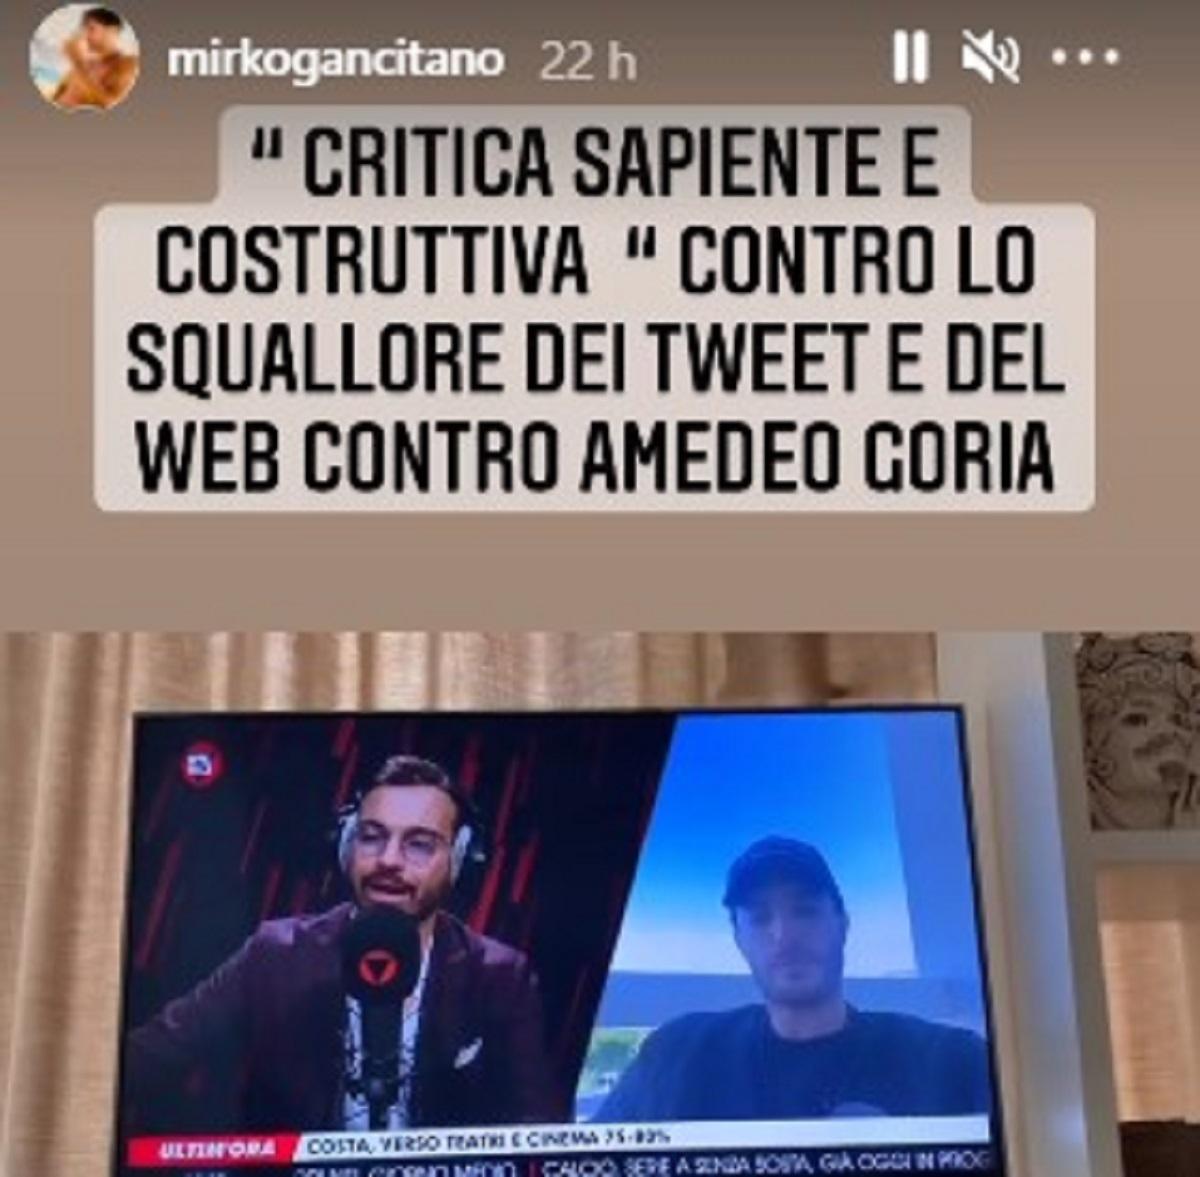 Amedeo Goria GF Vip 6 difesa fidanzato Guenda Mirko Gancitano